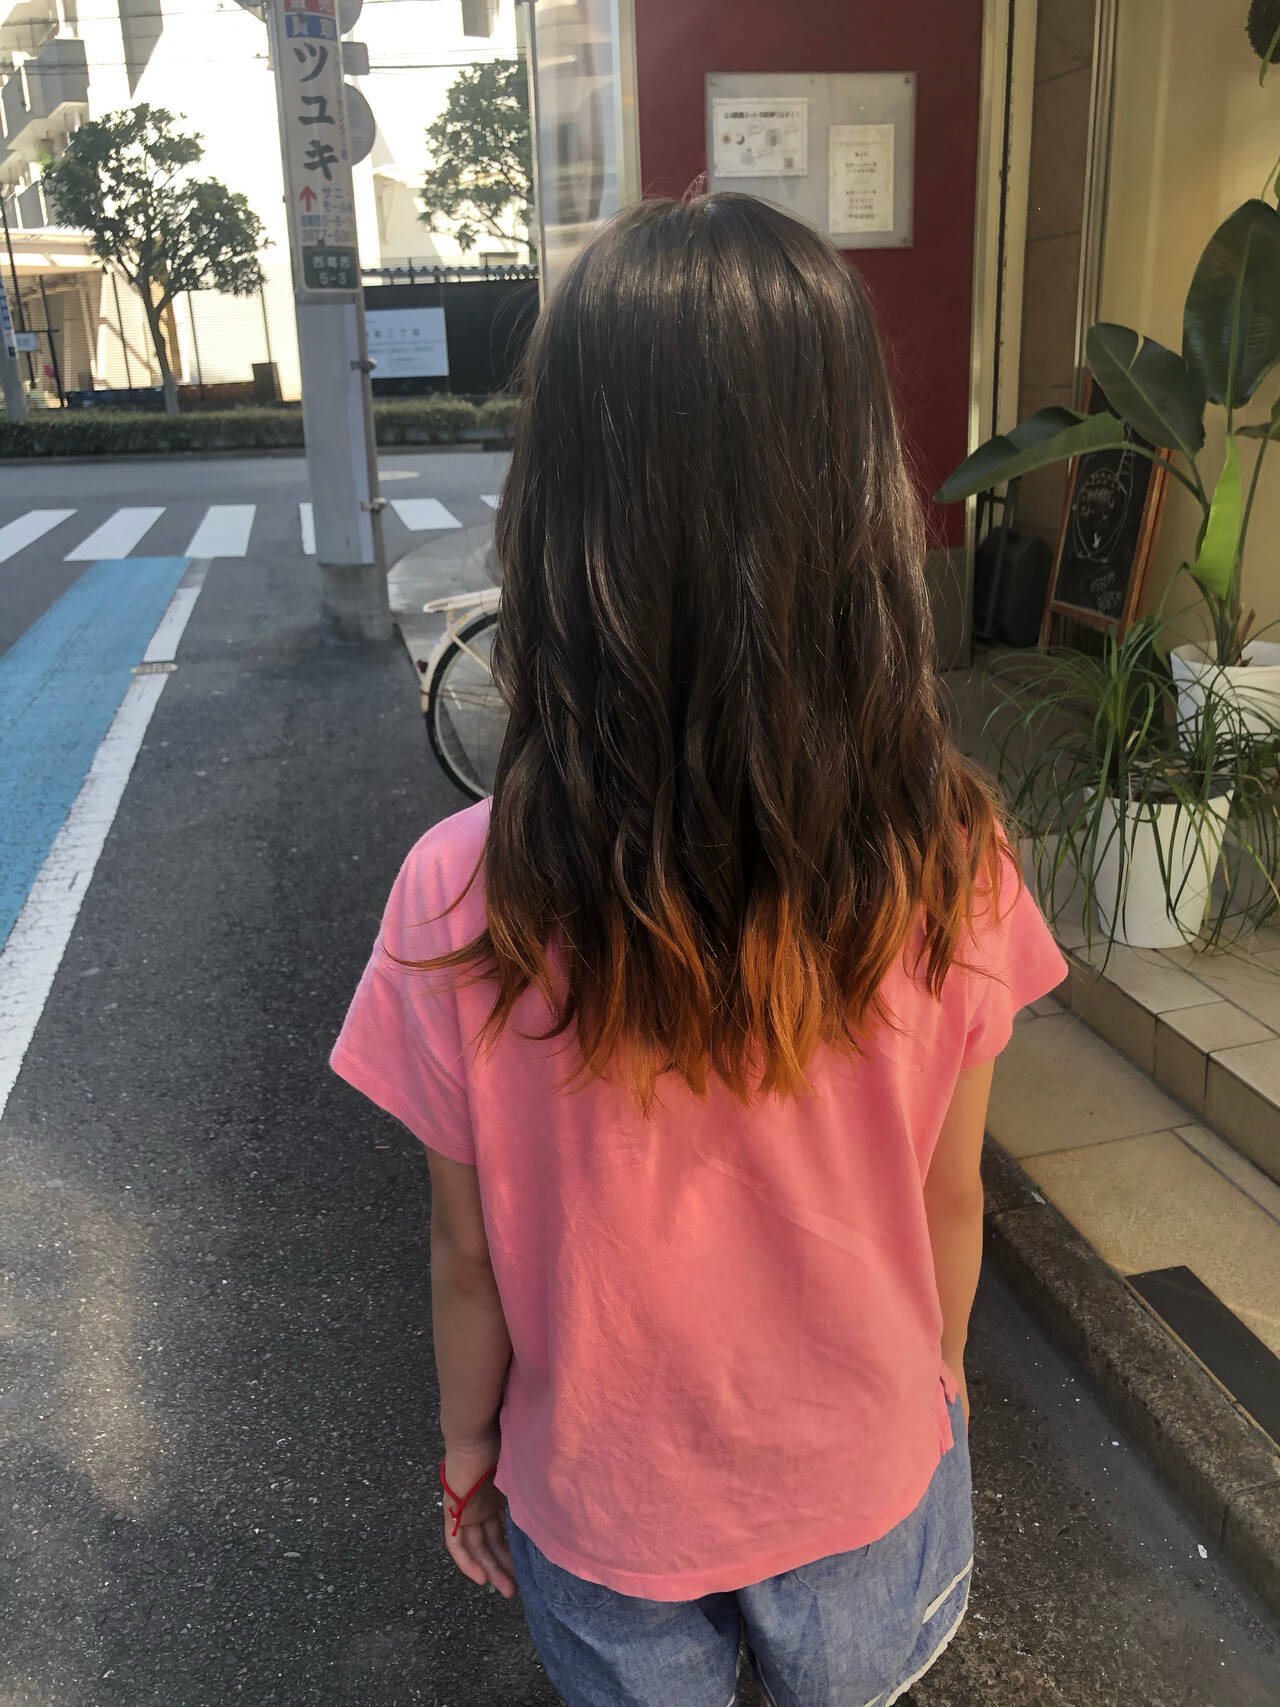 裾カラー 裾カラーオレンジ ダブルカラー セミロングヘアスタイルや髪型の写真・画像